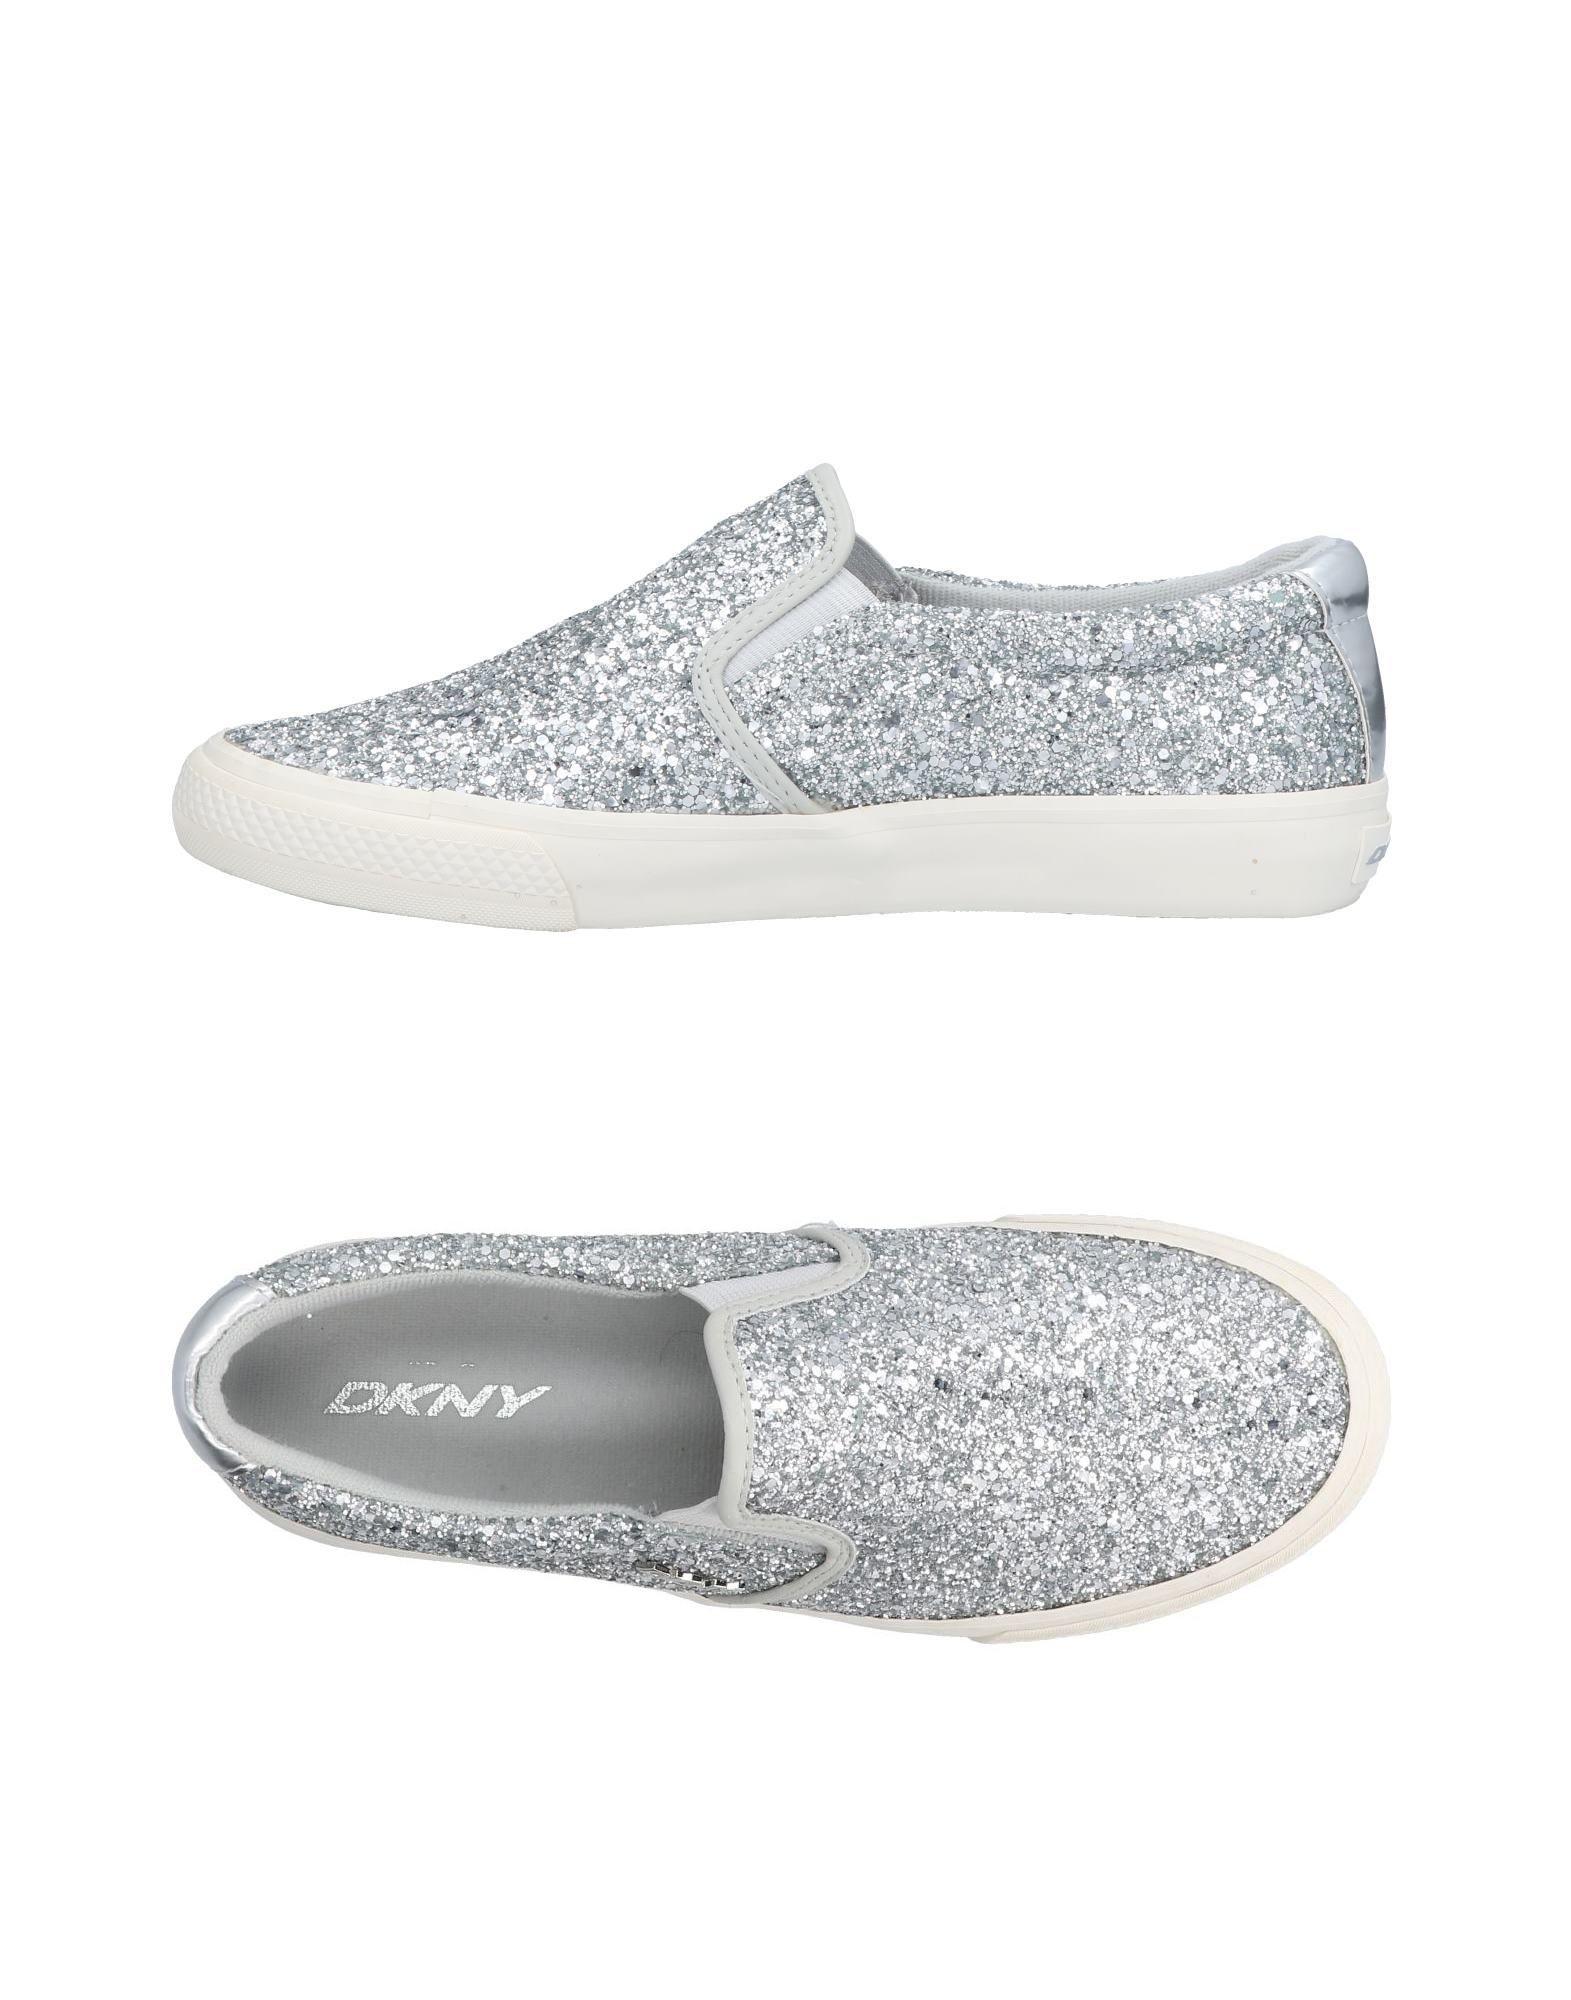 Dkny Sneakers Damen Qualität  11478495PJ Gute Qualität Damen beliebte Schuhe e0d486